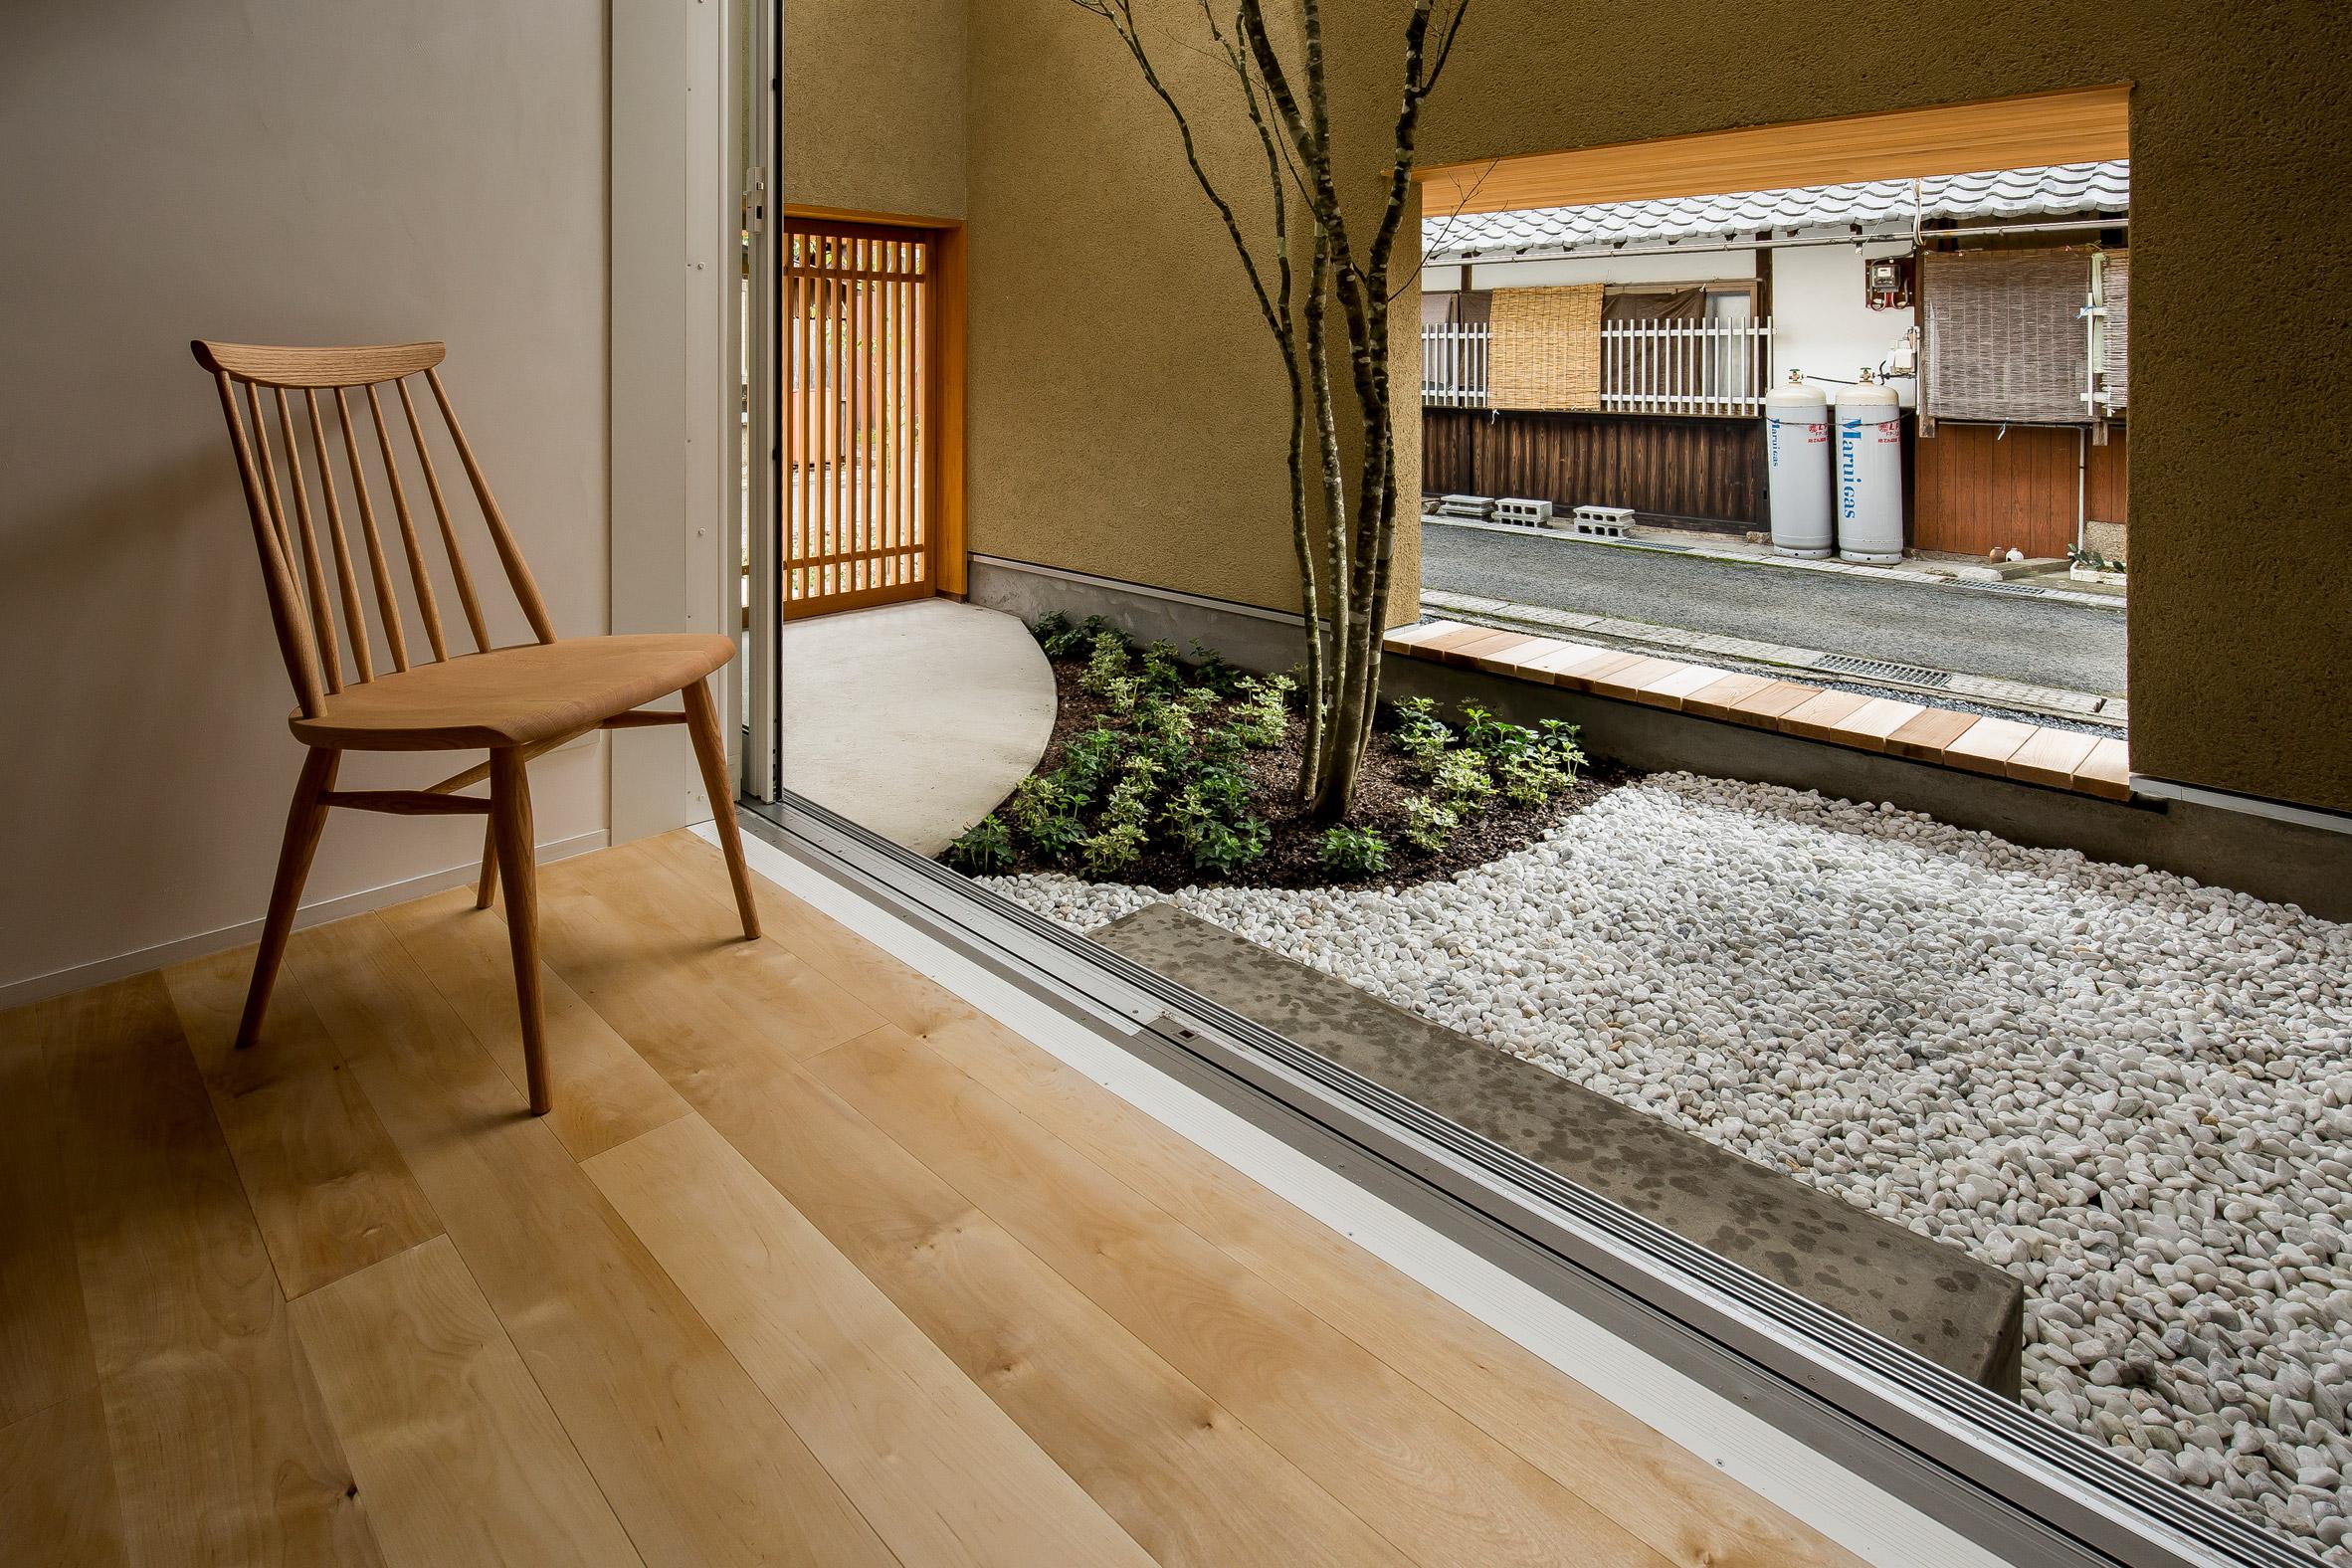 Ngôi nhà có khoảng sân vườn thiết kế nghệ thuật giúp từng góc nhỏ bên trong đều đẹp như tranh vẽ - Ảnh 5.